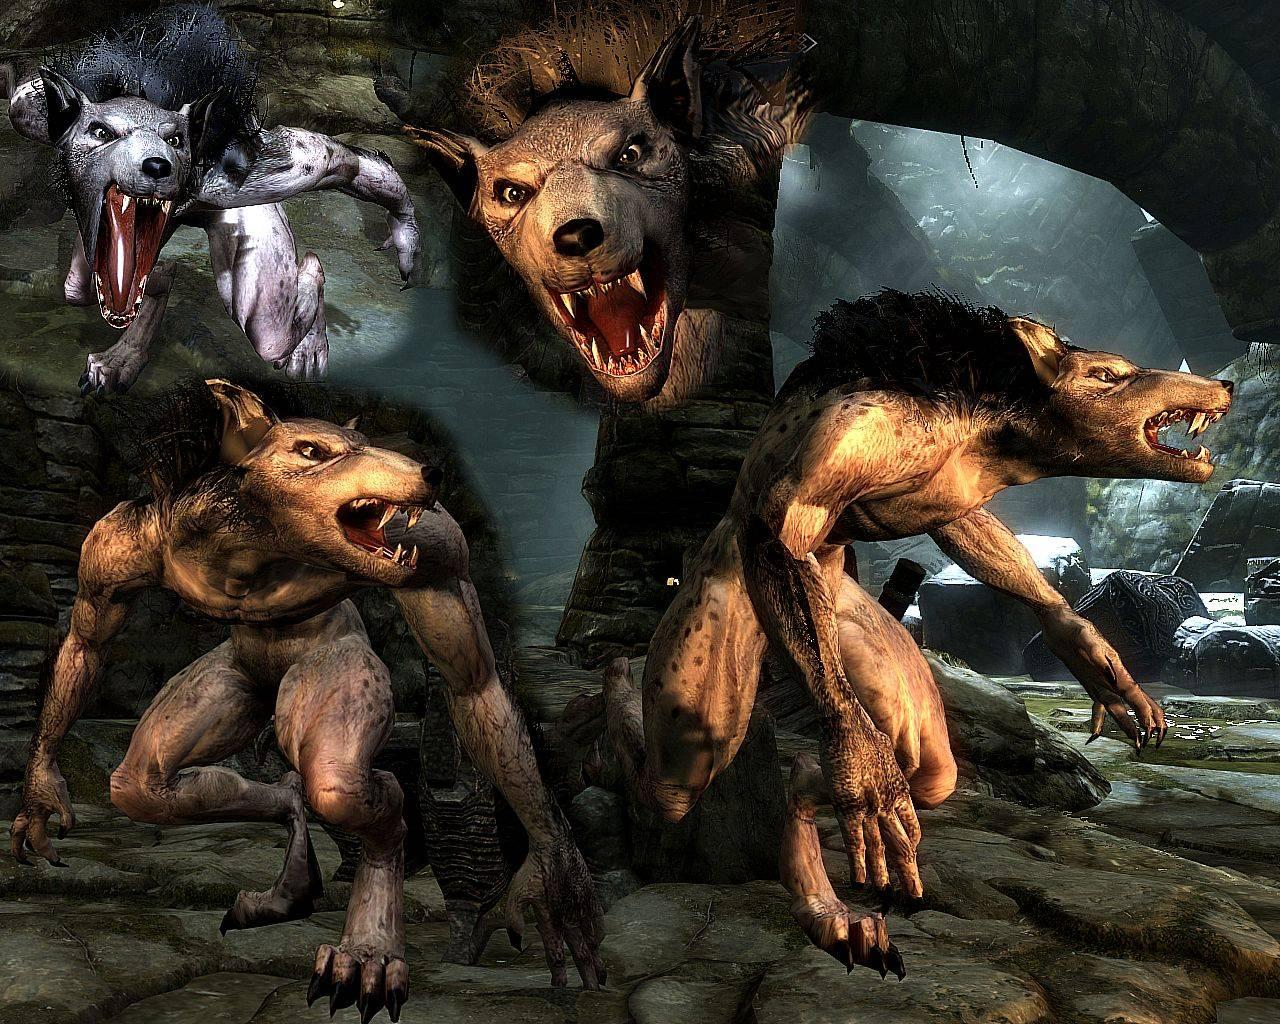 Как стать оборотнем в реальной жизни: превратиться в вервольфа (волка), медведя или другое животное